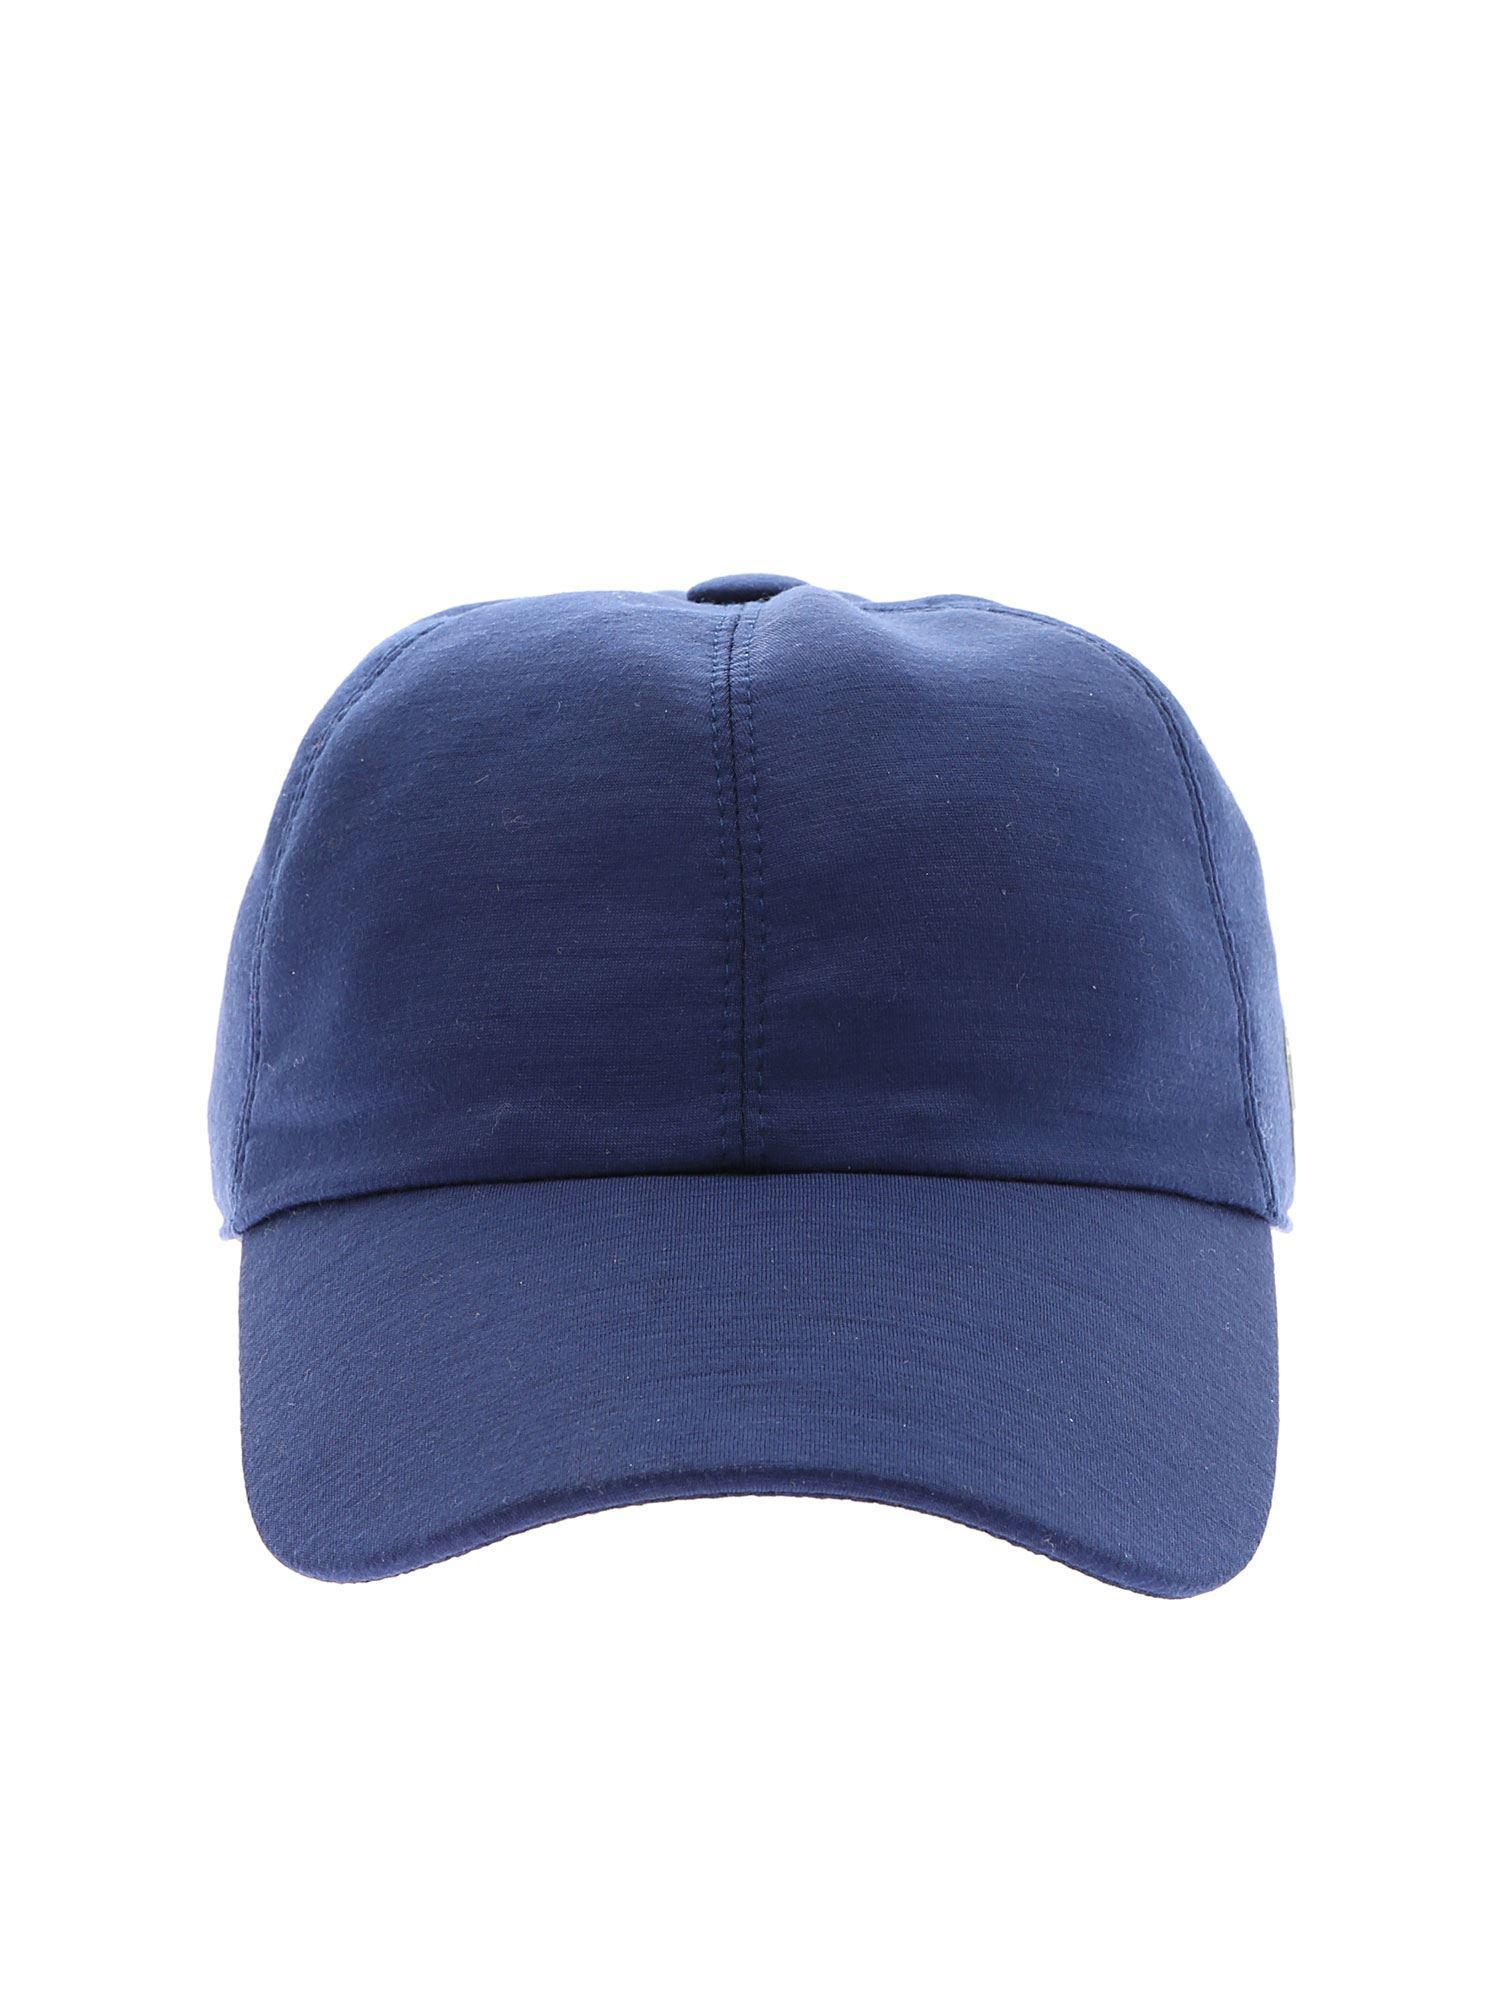 Lyst - Z Zegna Techmerino Tm Cap In Blue Wool in Blue for Men 6a676e0eabad